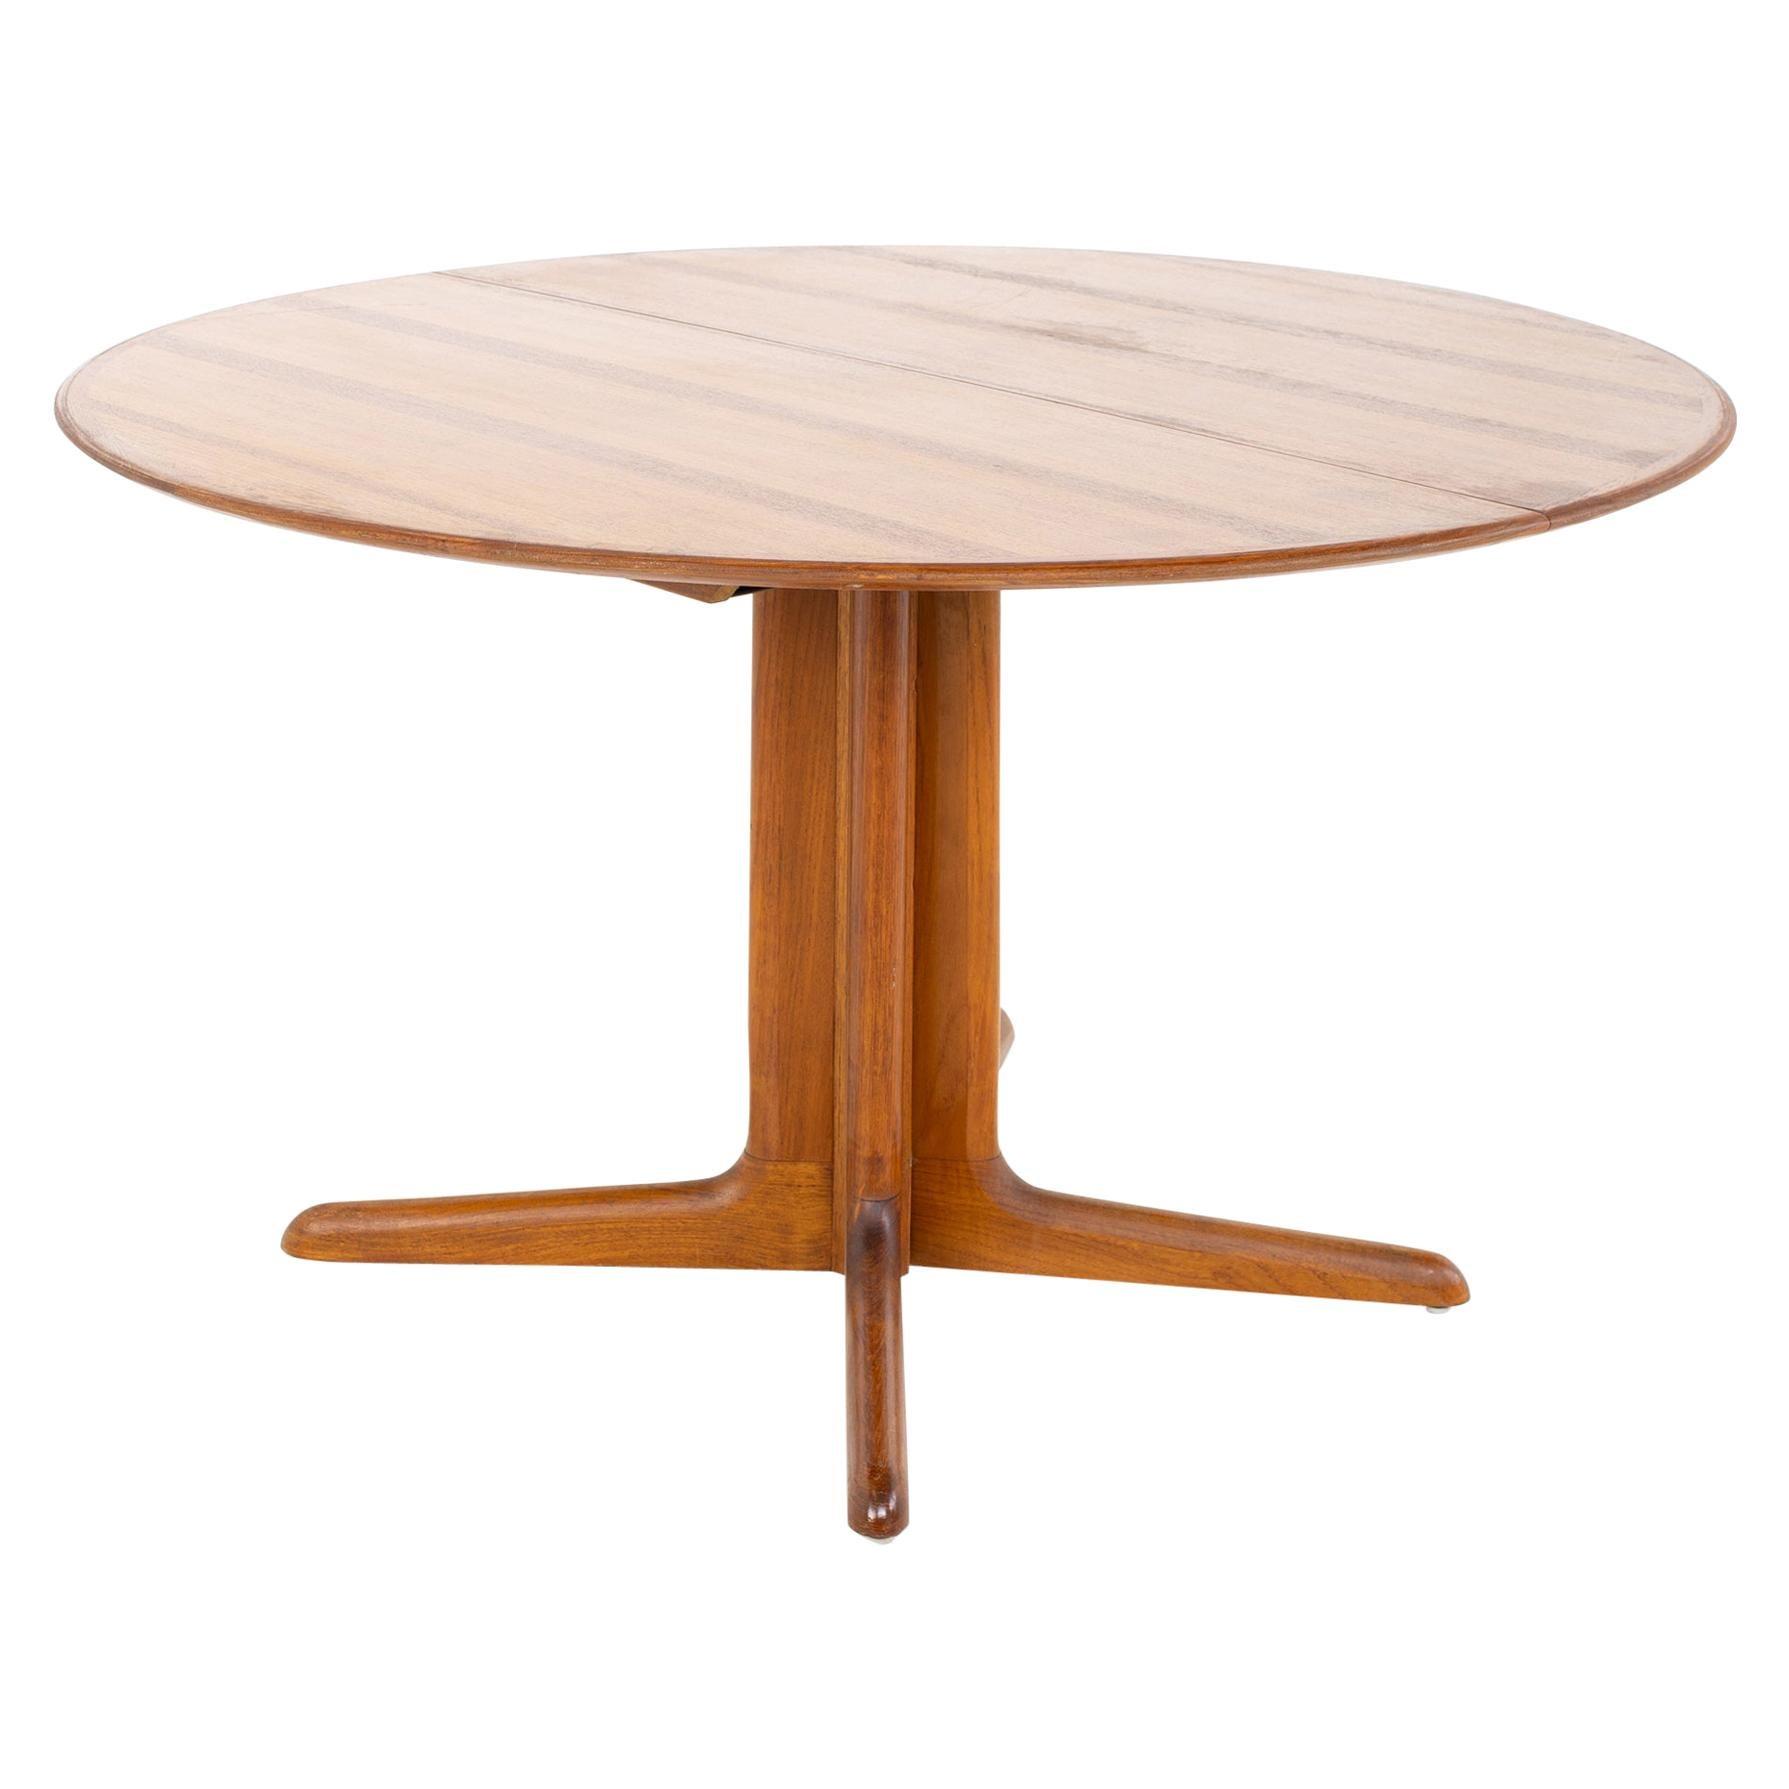 Dyrlund Mid Century Teak Round Dining Table